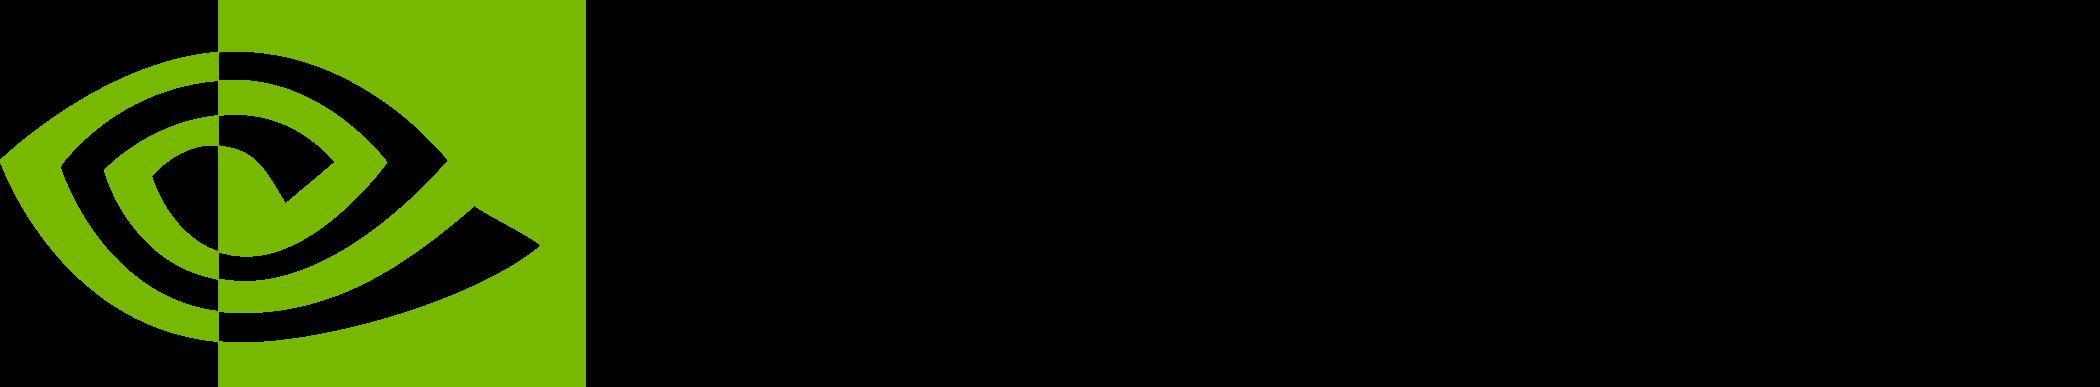 nvidia logo 2 1 - Nvidia Logo